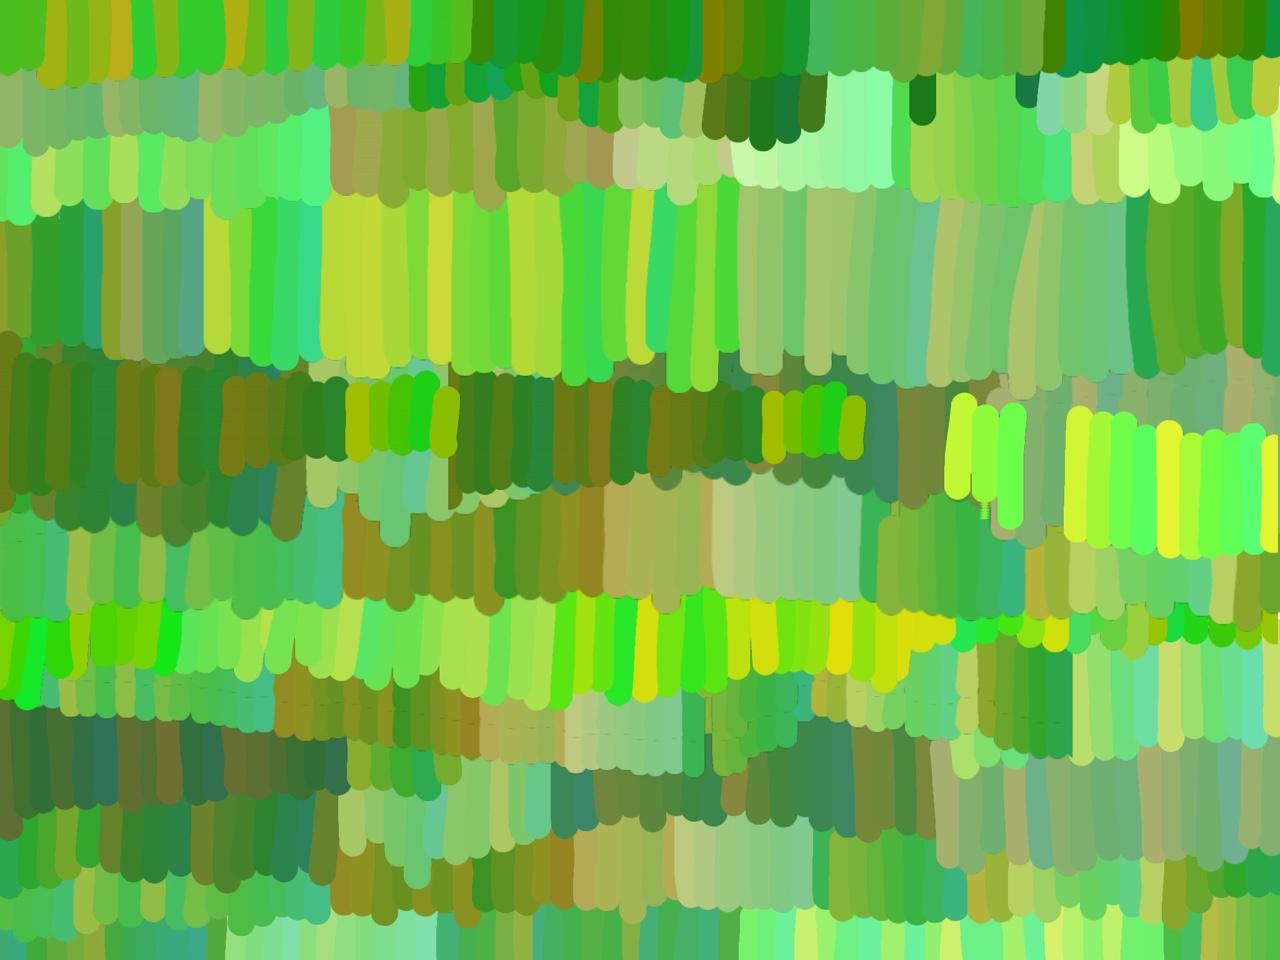 tumblr_ni6fcu9DvF1rn3inlo1_1280.jpg